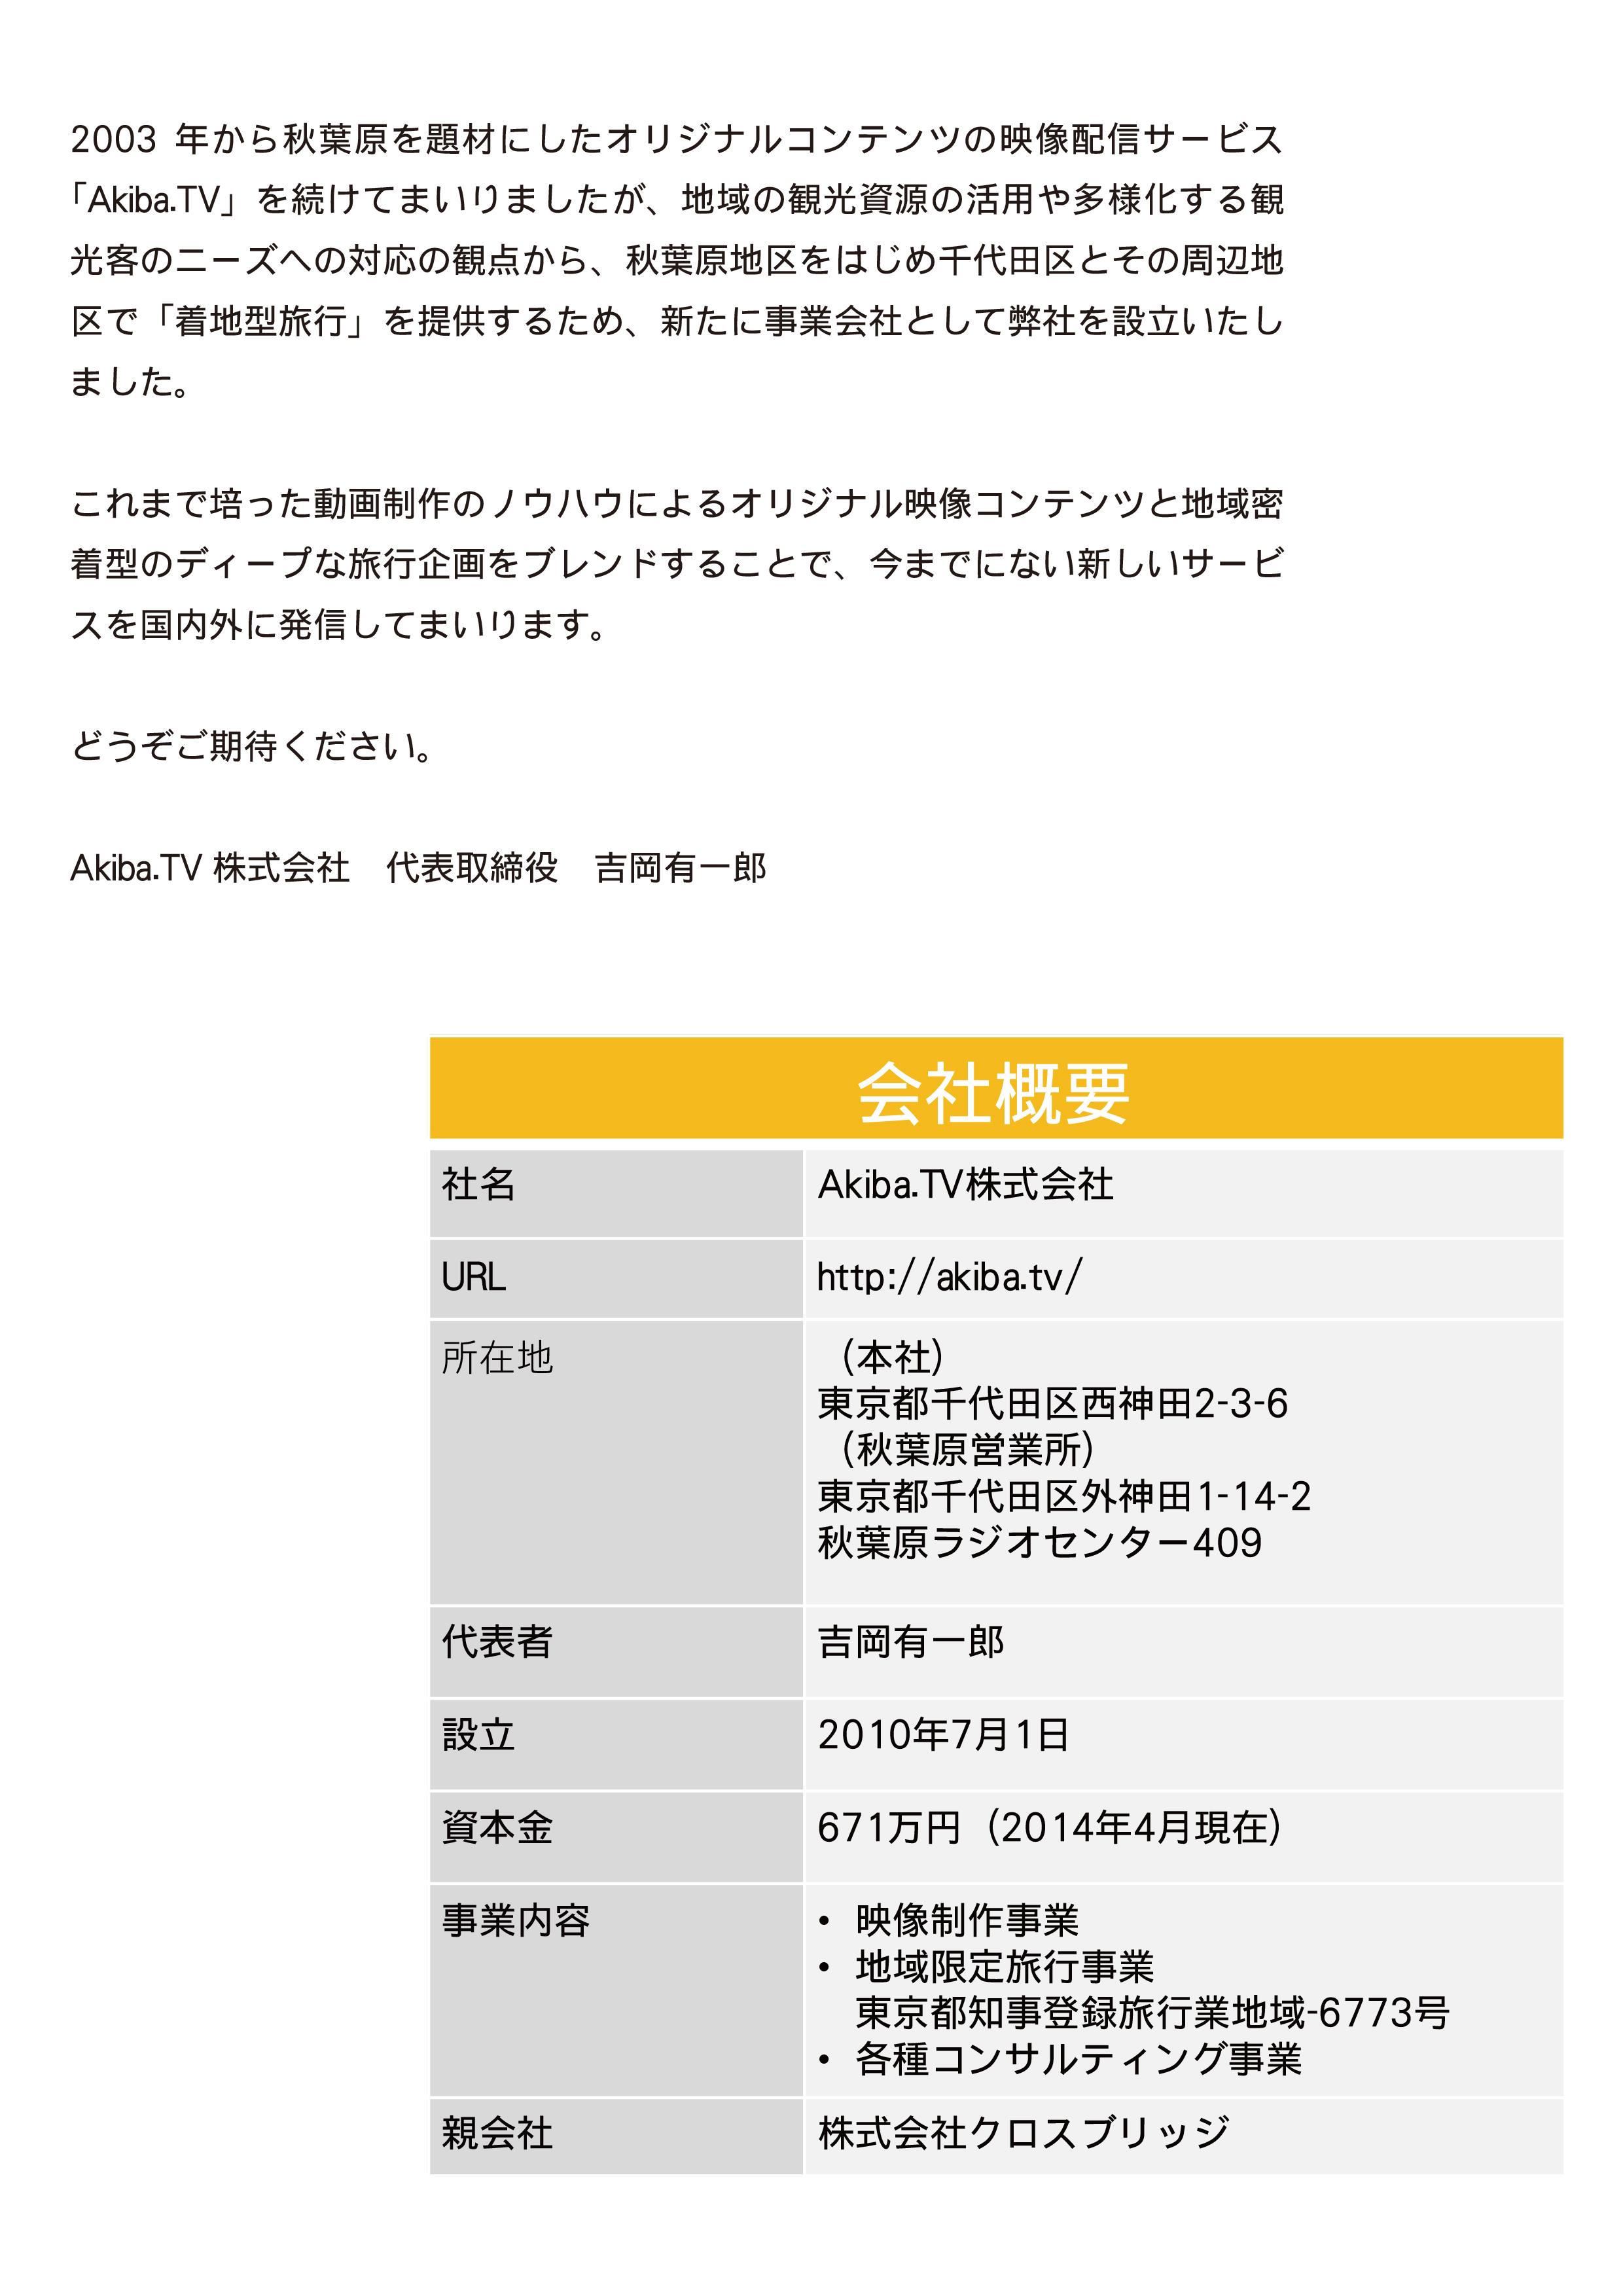 会社概要ダウンロード(PDF)